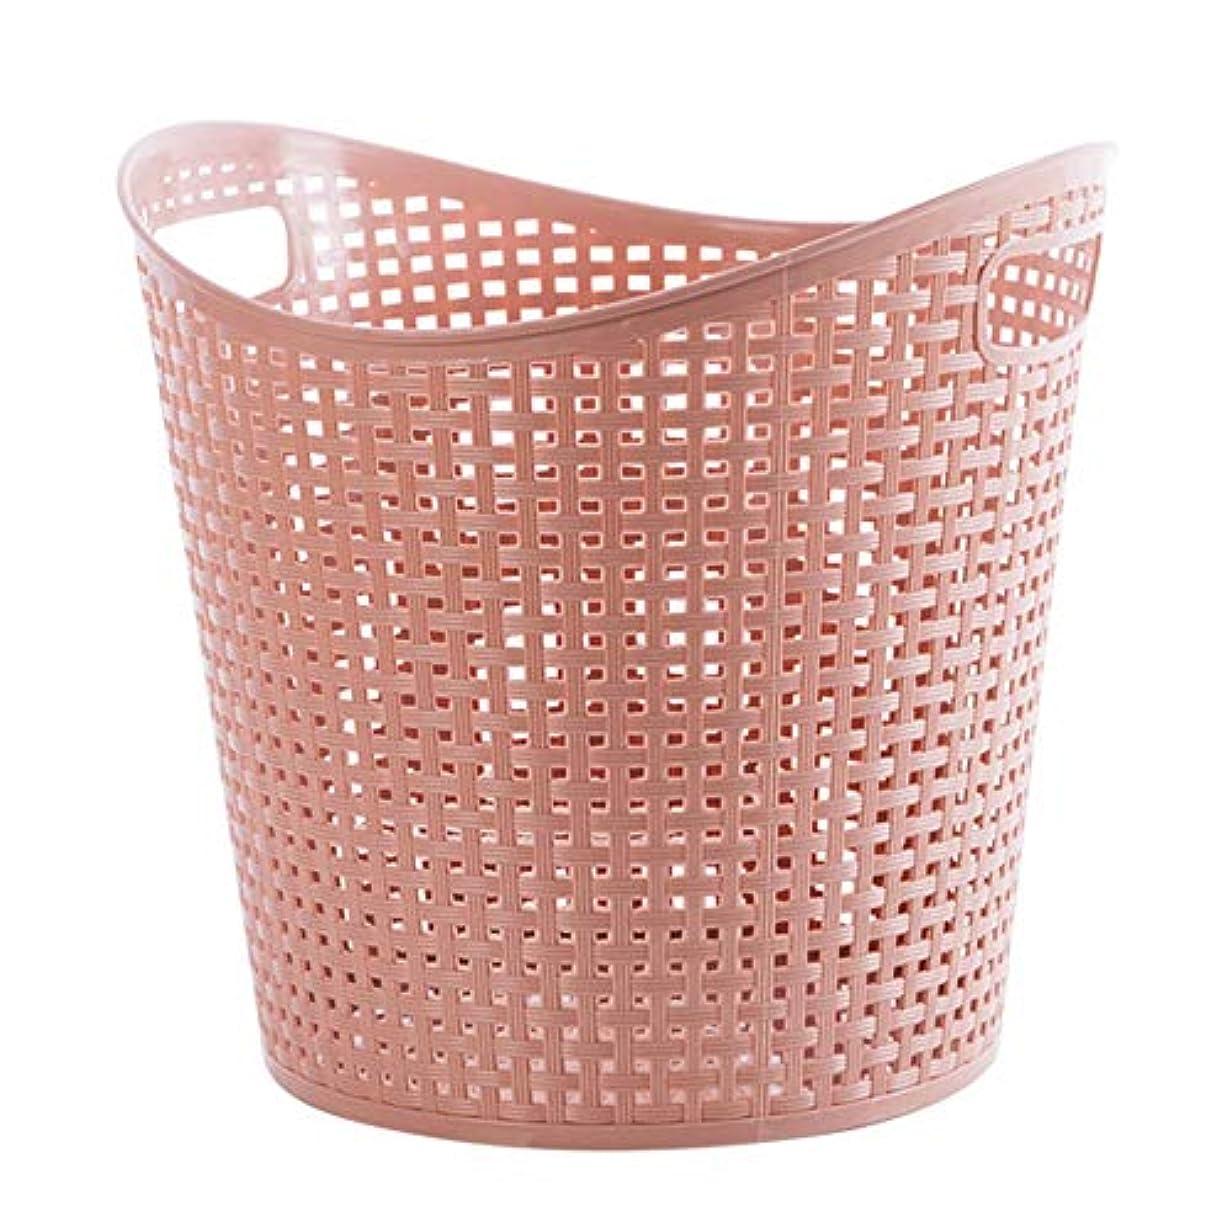 返還学んだ賭けプラスチック製のバスケットバスケット、洗濯バスケット、バスルームストレージ、おもちゃのストレージバスケット、環境に優しいPP材、大容量、 (Color : Pink)